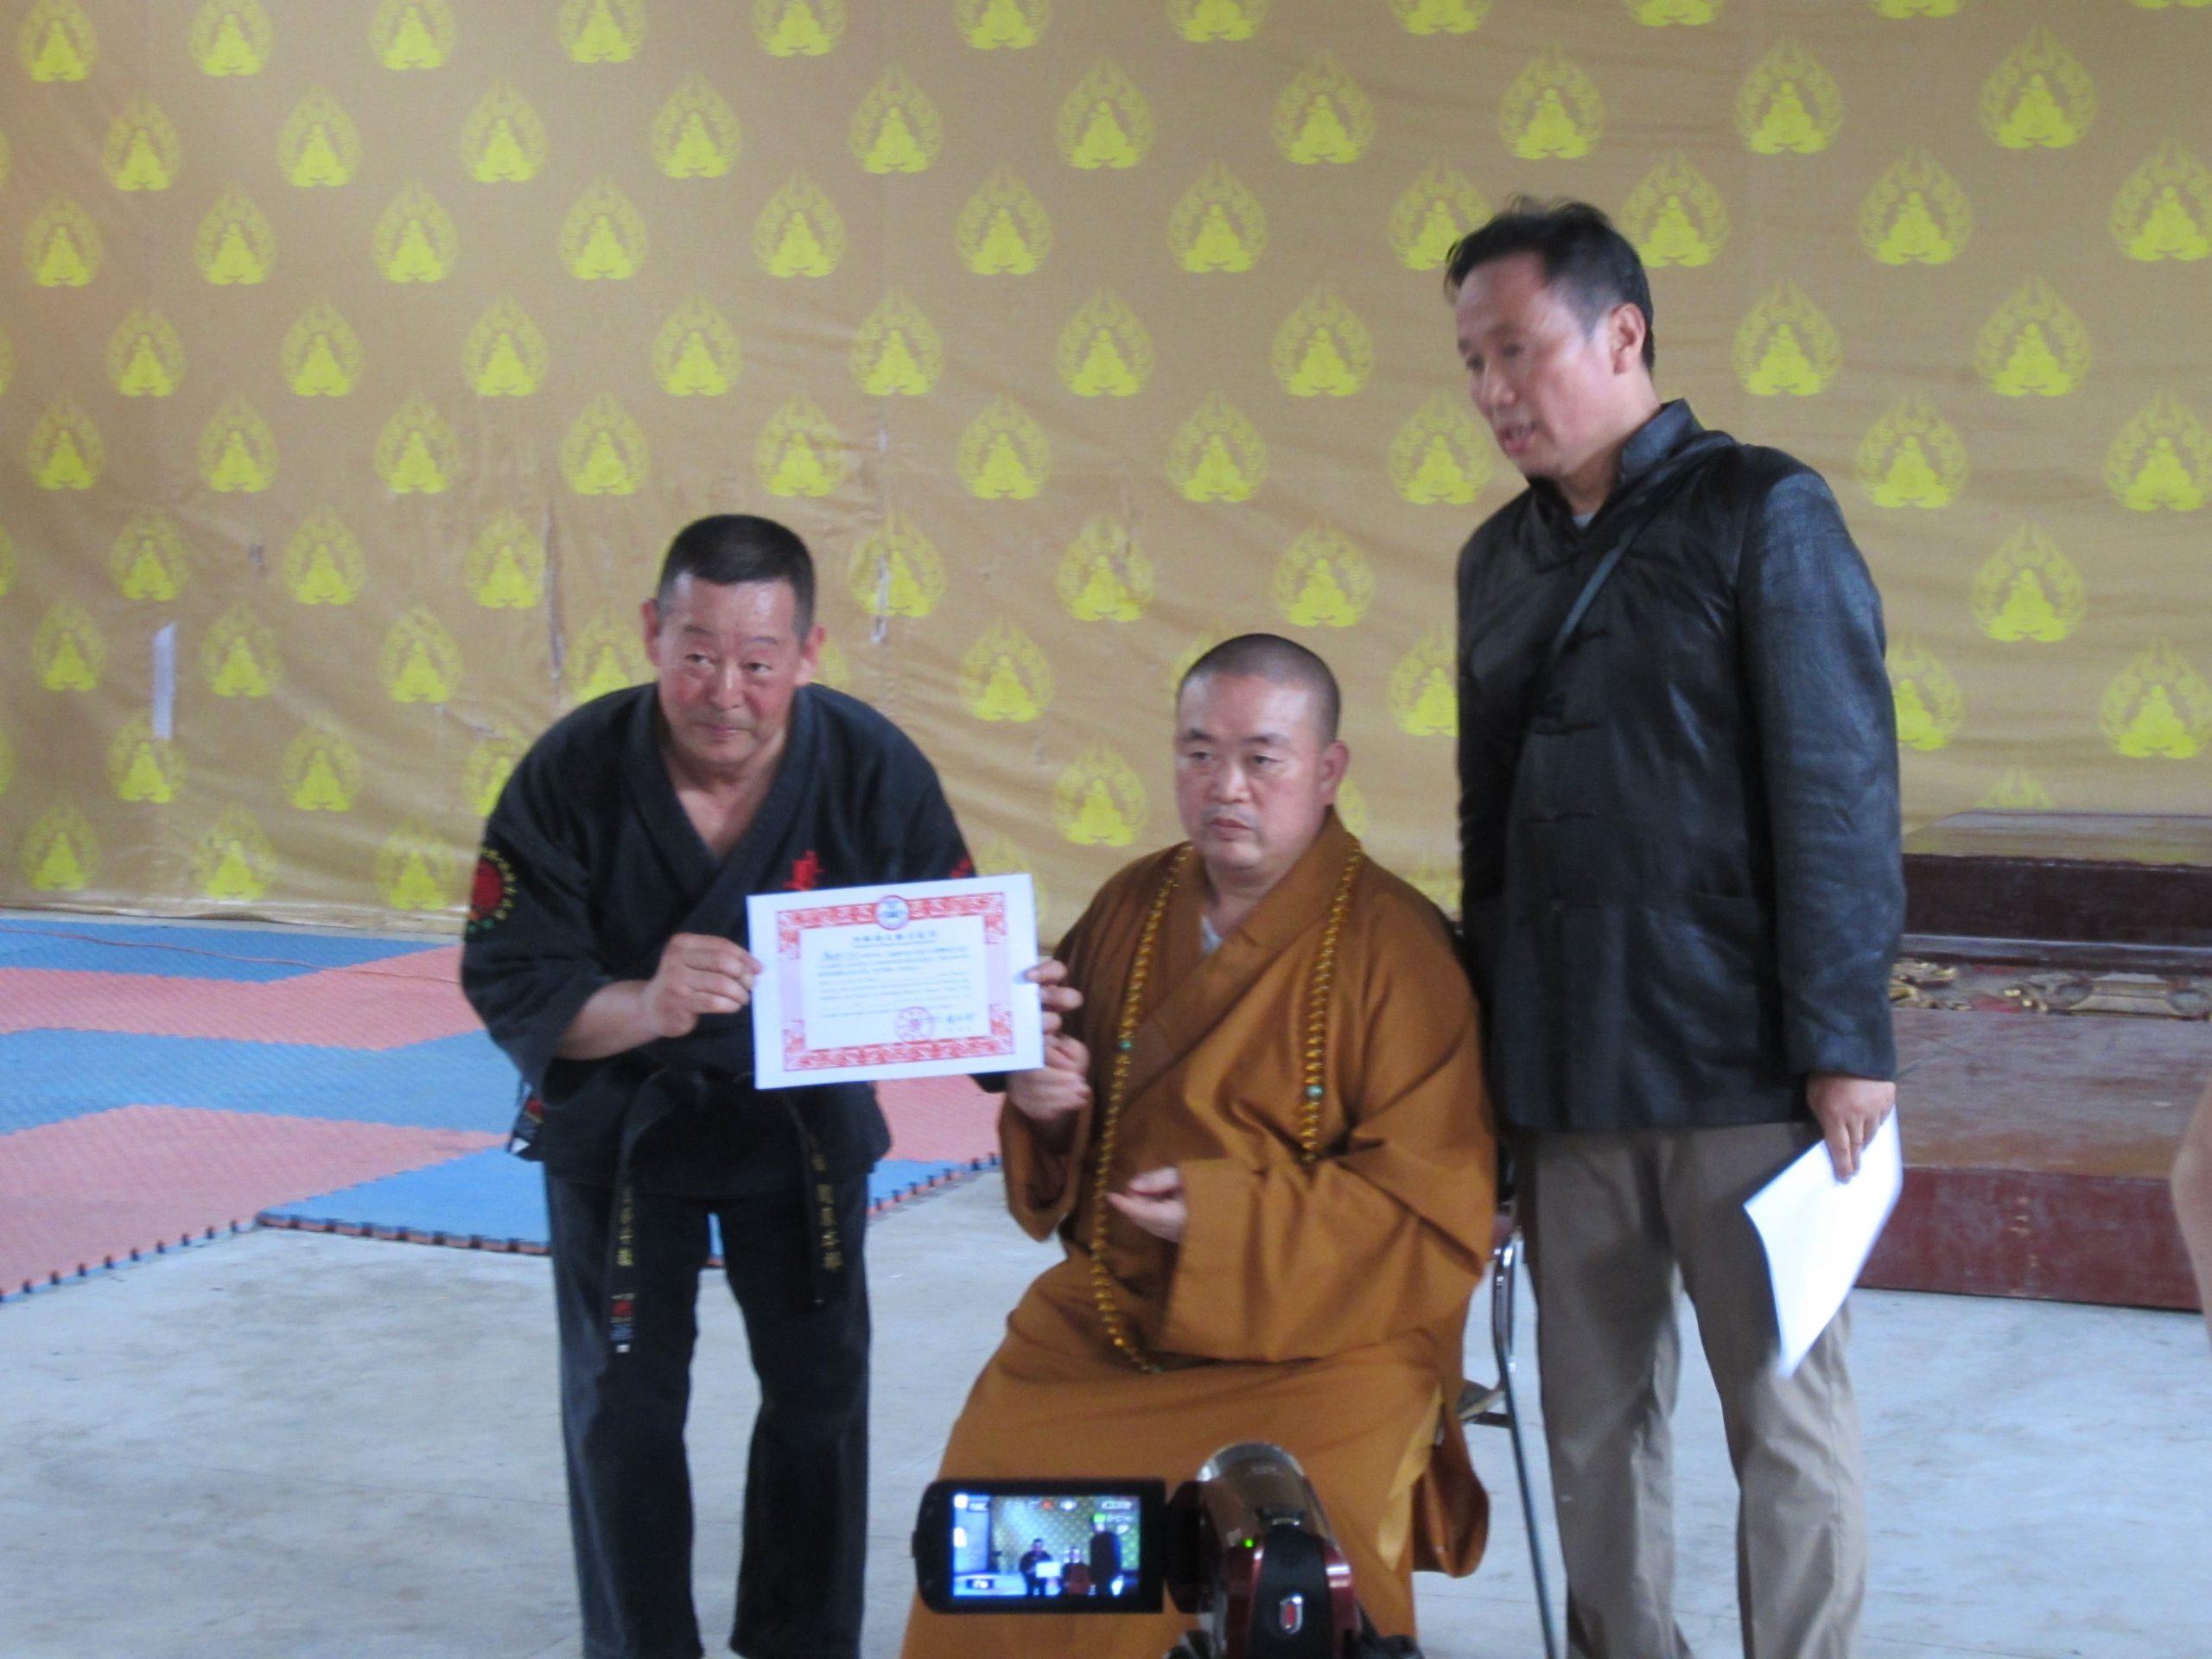 2014年 全日本少林寺気功協会資格認定式琉球古武道世界冠軍 漢那